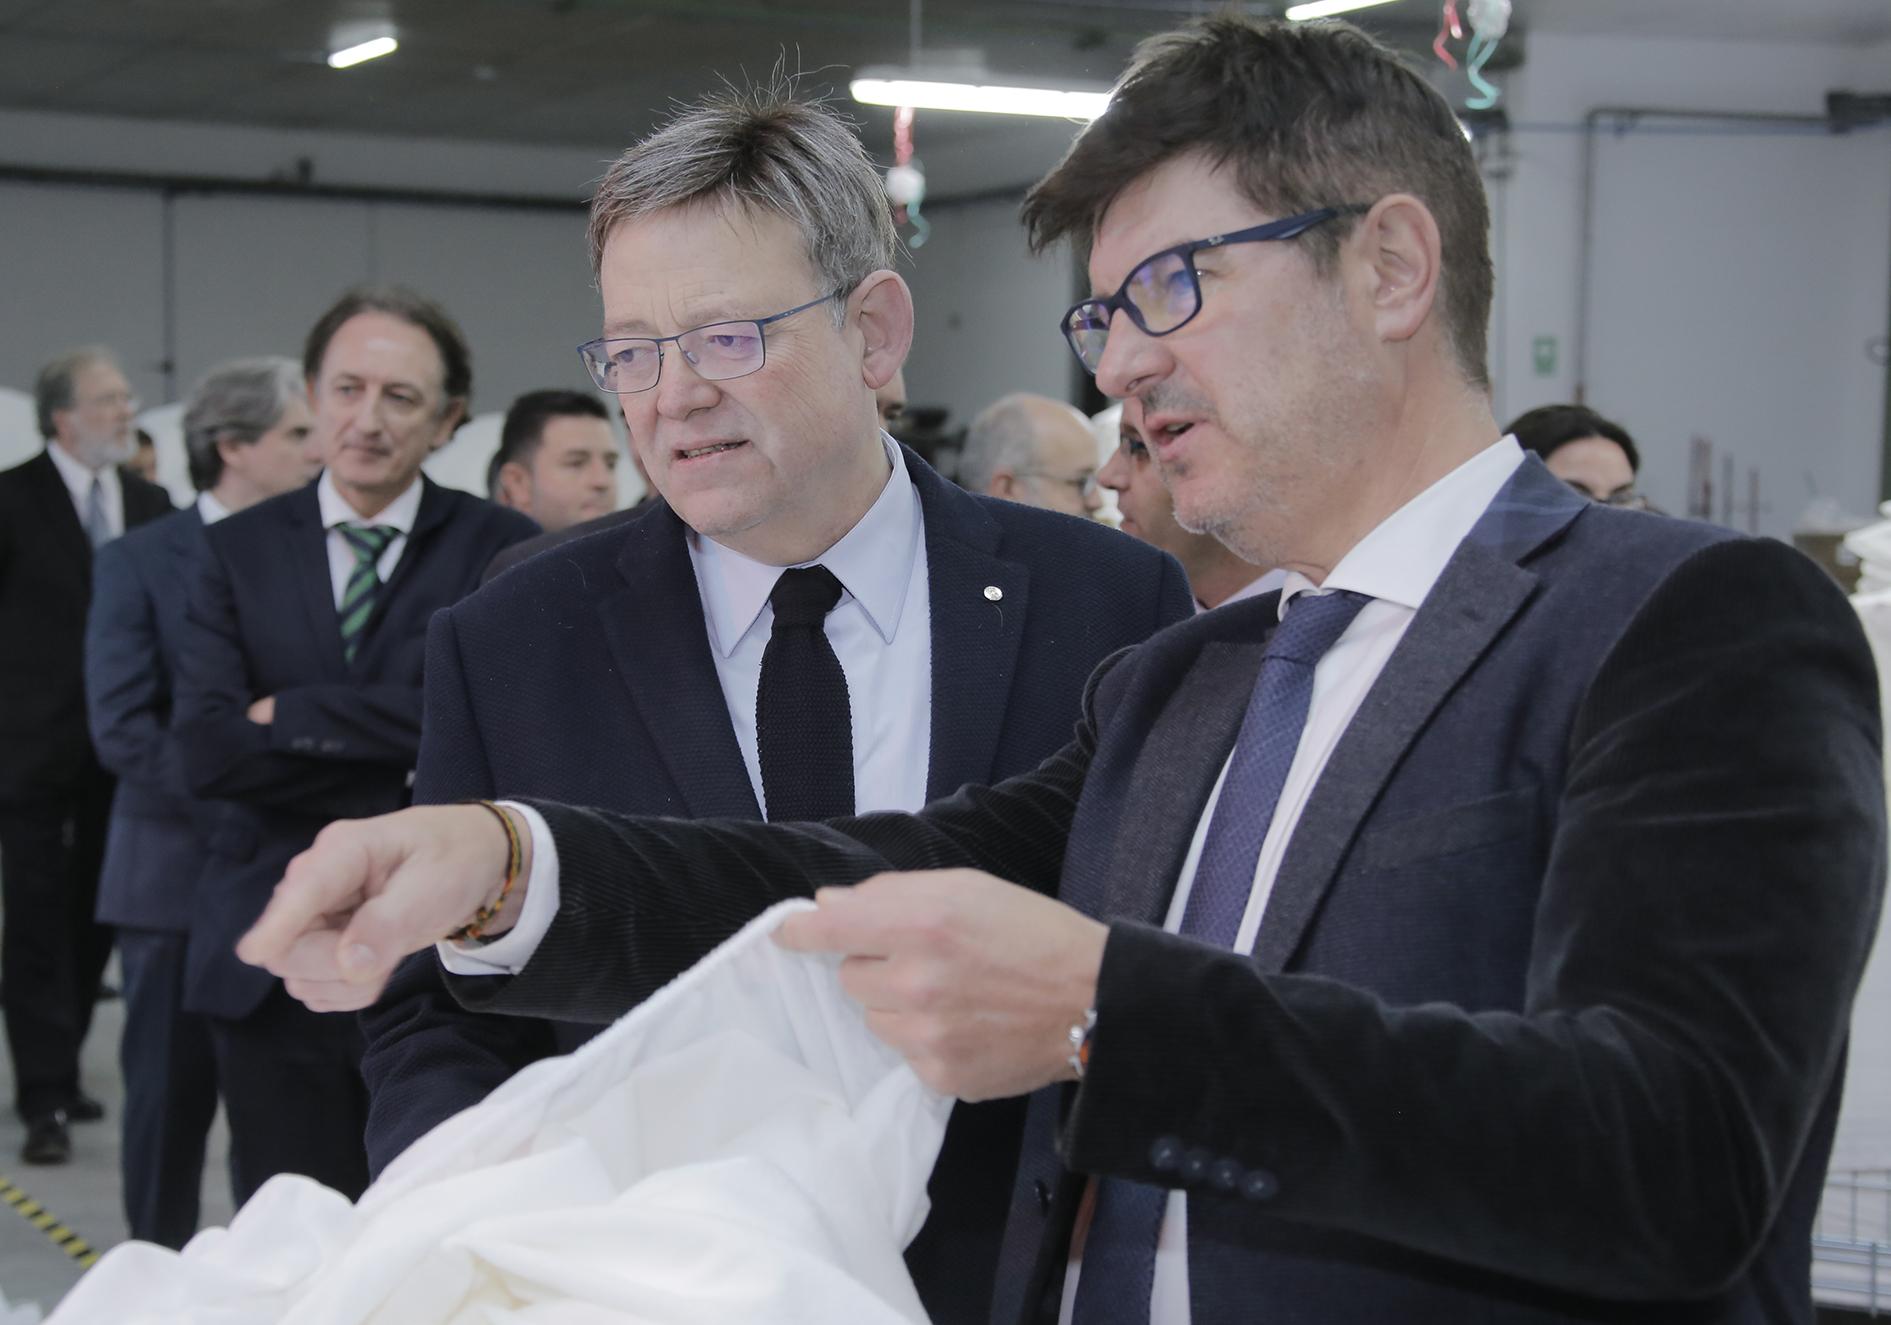 Creen un additiu natural per al tèxtil que frena la contaminació El Periòdic d'Ontinyent - Noticies a Ontinyent